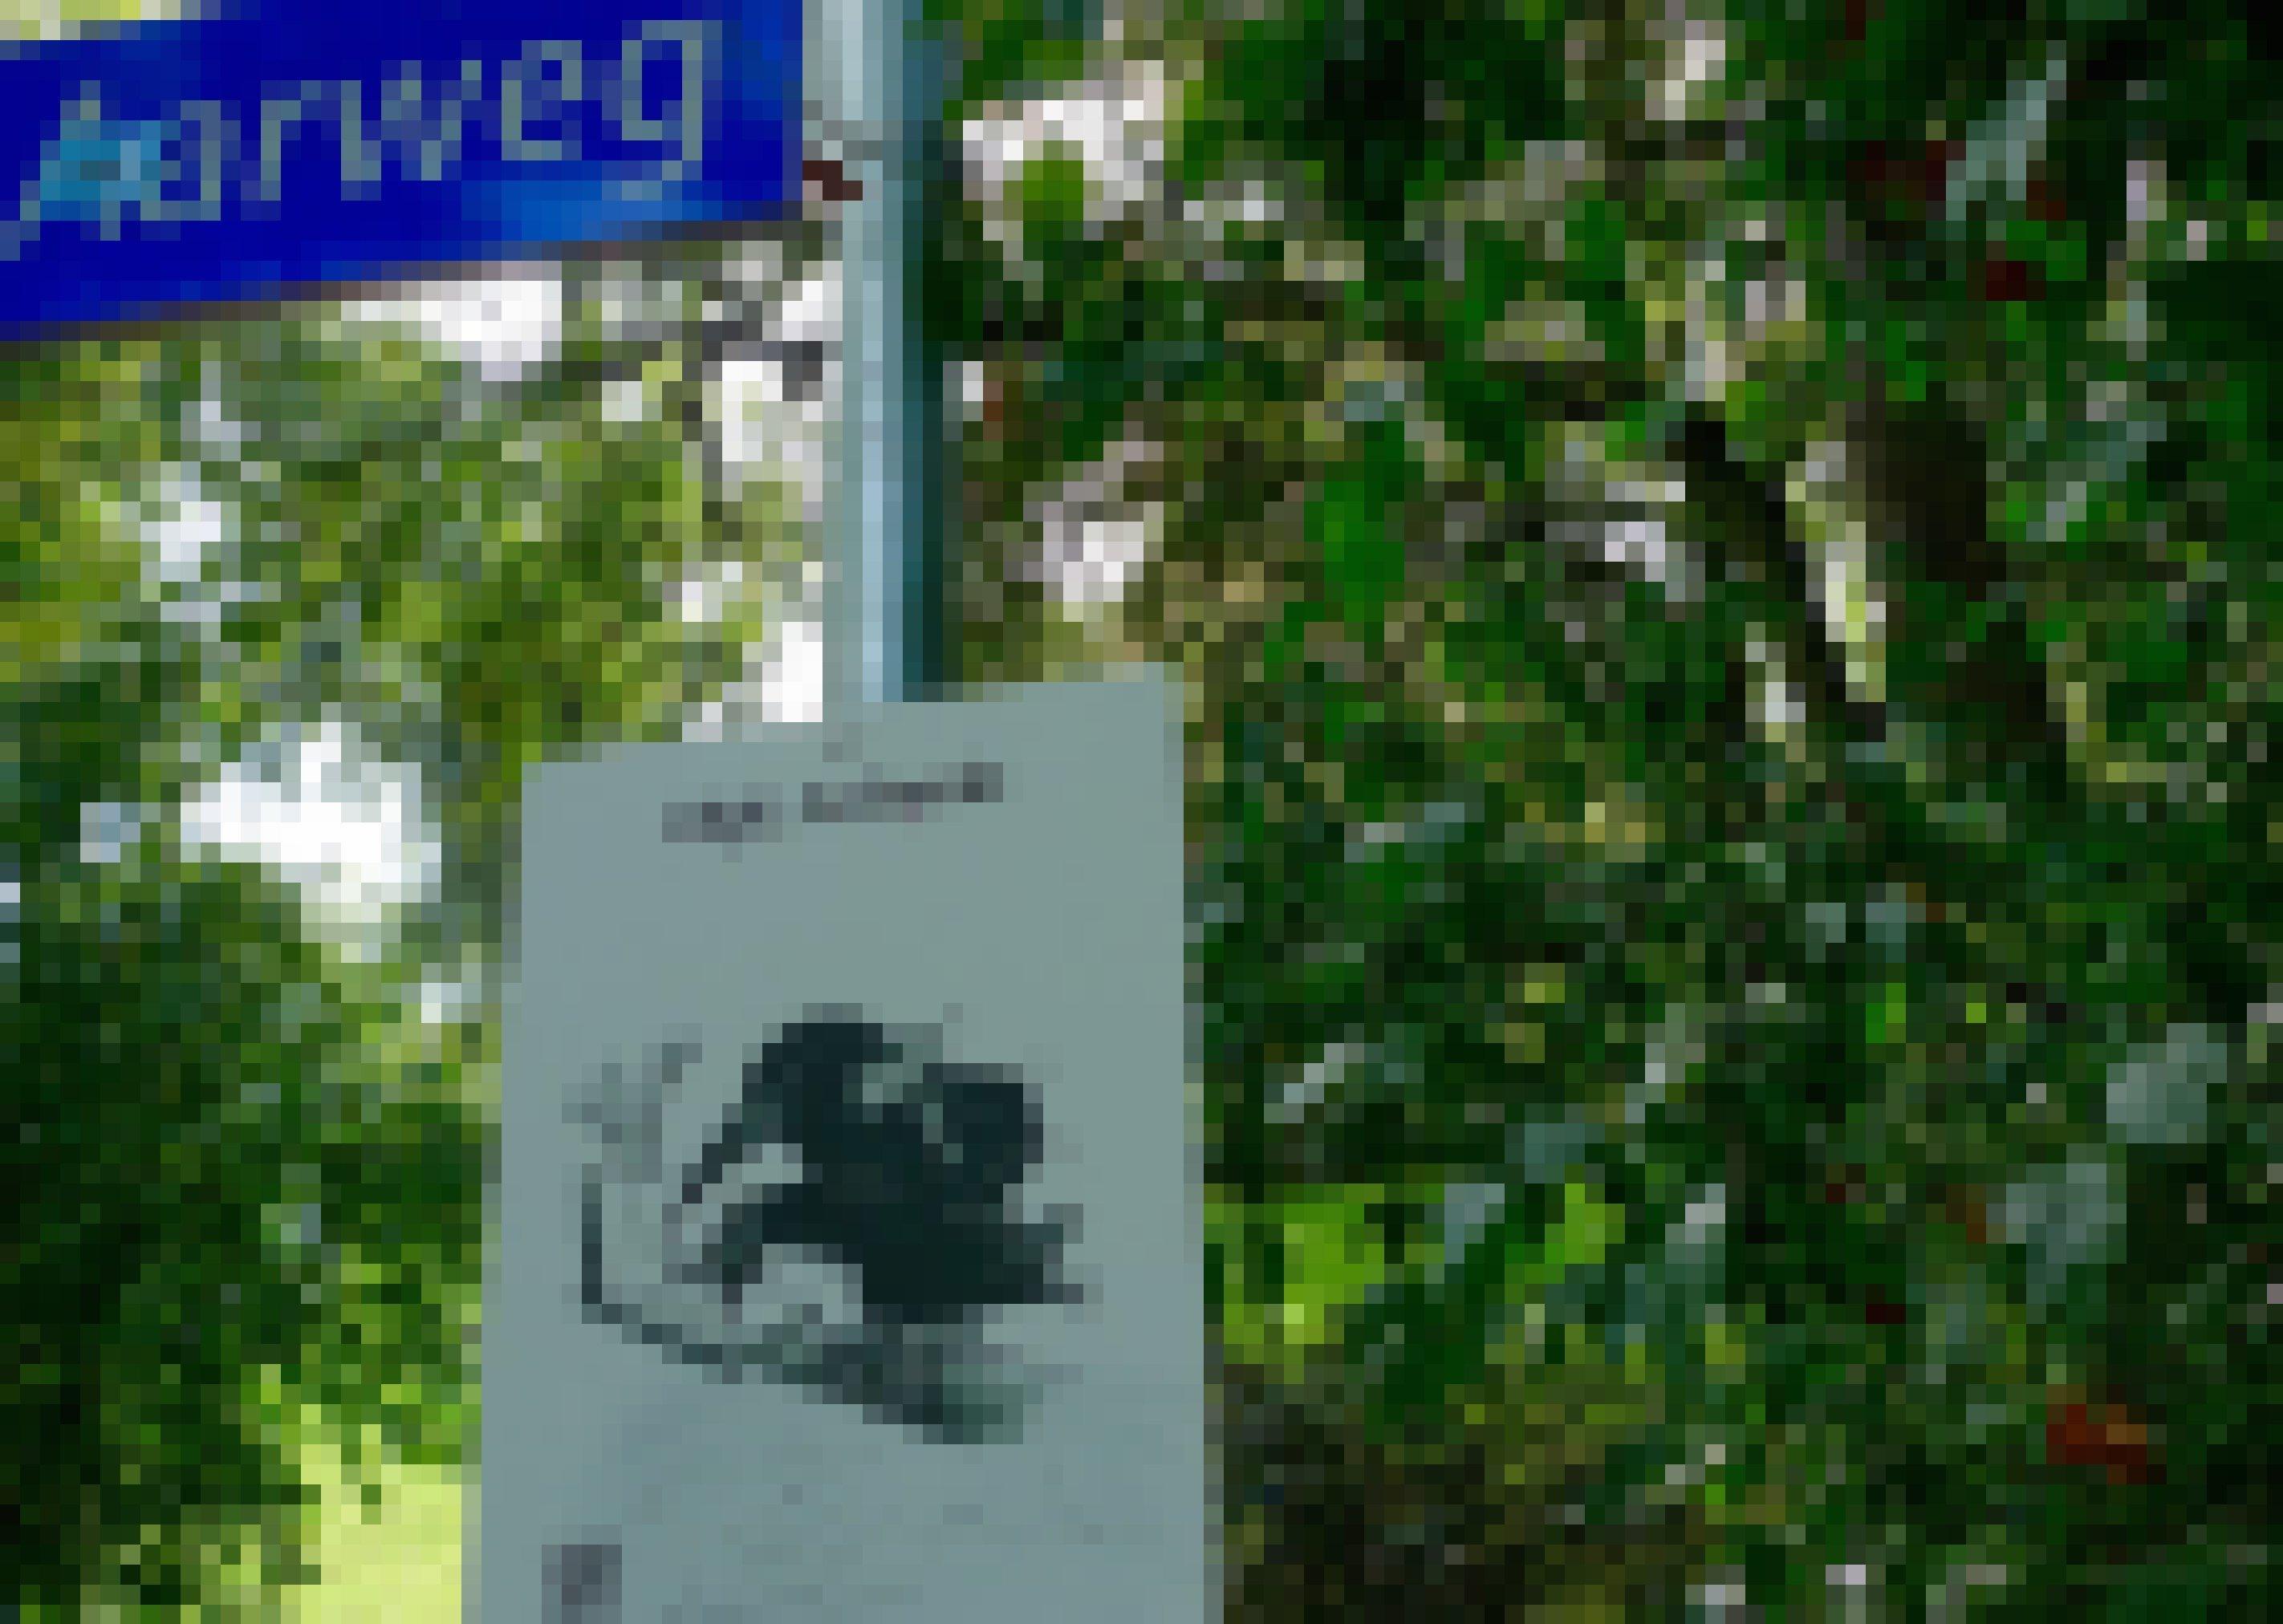 Ein weiteres Plakat der Berner Rabenvögel-Ausstellung. Es zeigt eine Saatkrähe, die ein Nest baut. Überschrieben ist es mit: diplomierter Architekt. Geschickt bauen Saatkrähen die Nester in ihren Kolonien – eben wie diplomierte Architekten. Der Blick auf diese Fähigkeit soll Sympathien für die Rabenvögel wecken. Dies erhoffen sich die Ausstellungsmacher in Bern.